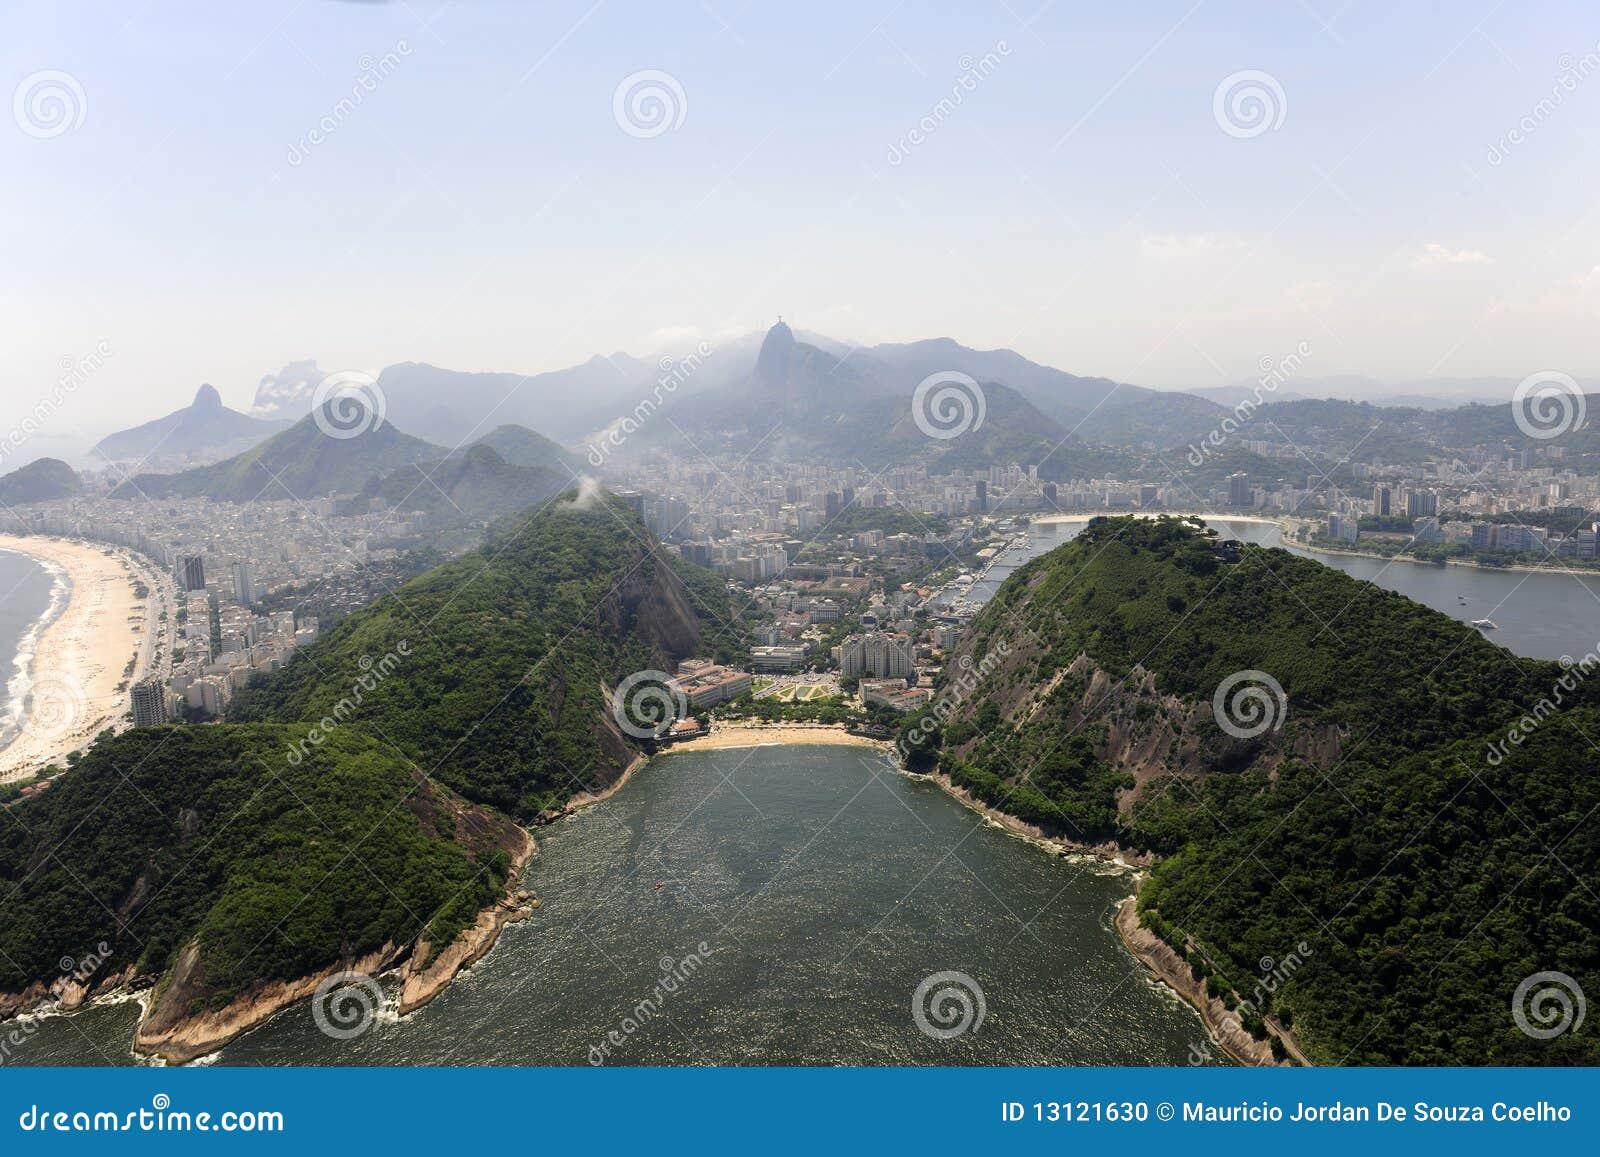 Rio de Janeiro: Praia Vermelha, Copacabana